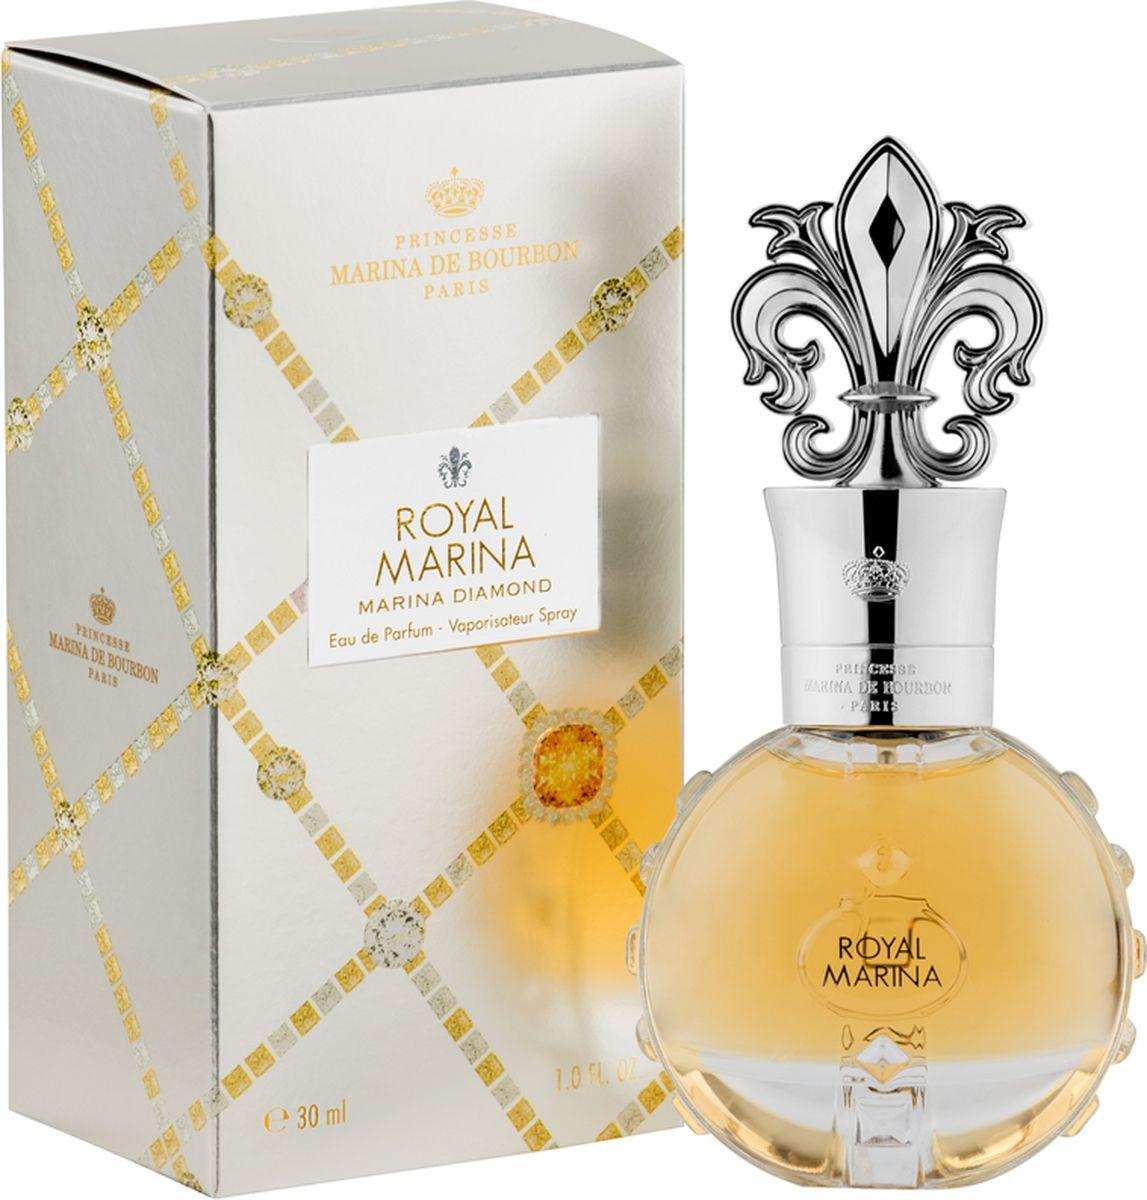 Princesse Marina De Bourbon Paris Royal Marina - Marina Diamond Парфюмерная вода 30 мл4210201746348ФЛАКОН: Ценный и роскошный флакон инкрустирован драгоценными ограненными камнями. Блеск сверкающего алмаза усиливается впечатляющей крышкой в виде геральдической лилии и с подписью Royal Marina. Золотая, статусная упаковка, рельефно украшенная драгоценными камнями, хранит внутри настоящее сокровище. АРОМАТ: Oбволакивающий, чувственный и теплый Royal Marina Diamond - это захватывающий аромат для гламурной и блистательной женщины, которая стремится произвести незабываемое впечатление и продемонстрировать свой страстный темперамент. Это чувственный и страстный парфюм; радостная сочность Брусники выделяет аромат лепестков Ириса и Жасмина. Изысканные цветочные ноты в центре окутаны экзотической чувственностью дерева Copaiba, в то же время прикосновение ванили и плодов мускуса подчеркивает остроту этого аромата. Oлнечный золотисто-янтарный оттенок просматривается сквозь изящное стекло, околдовывая видом сладкого нектара.